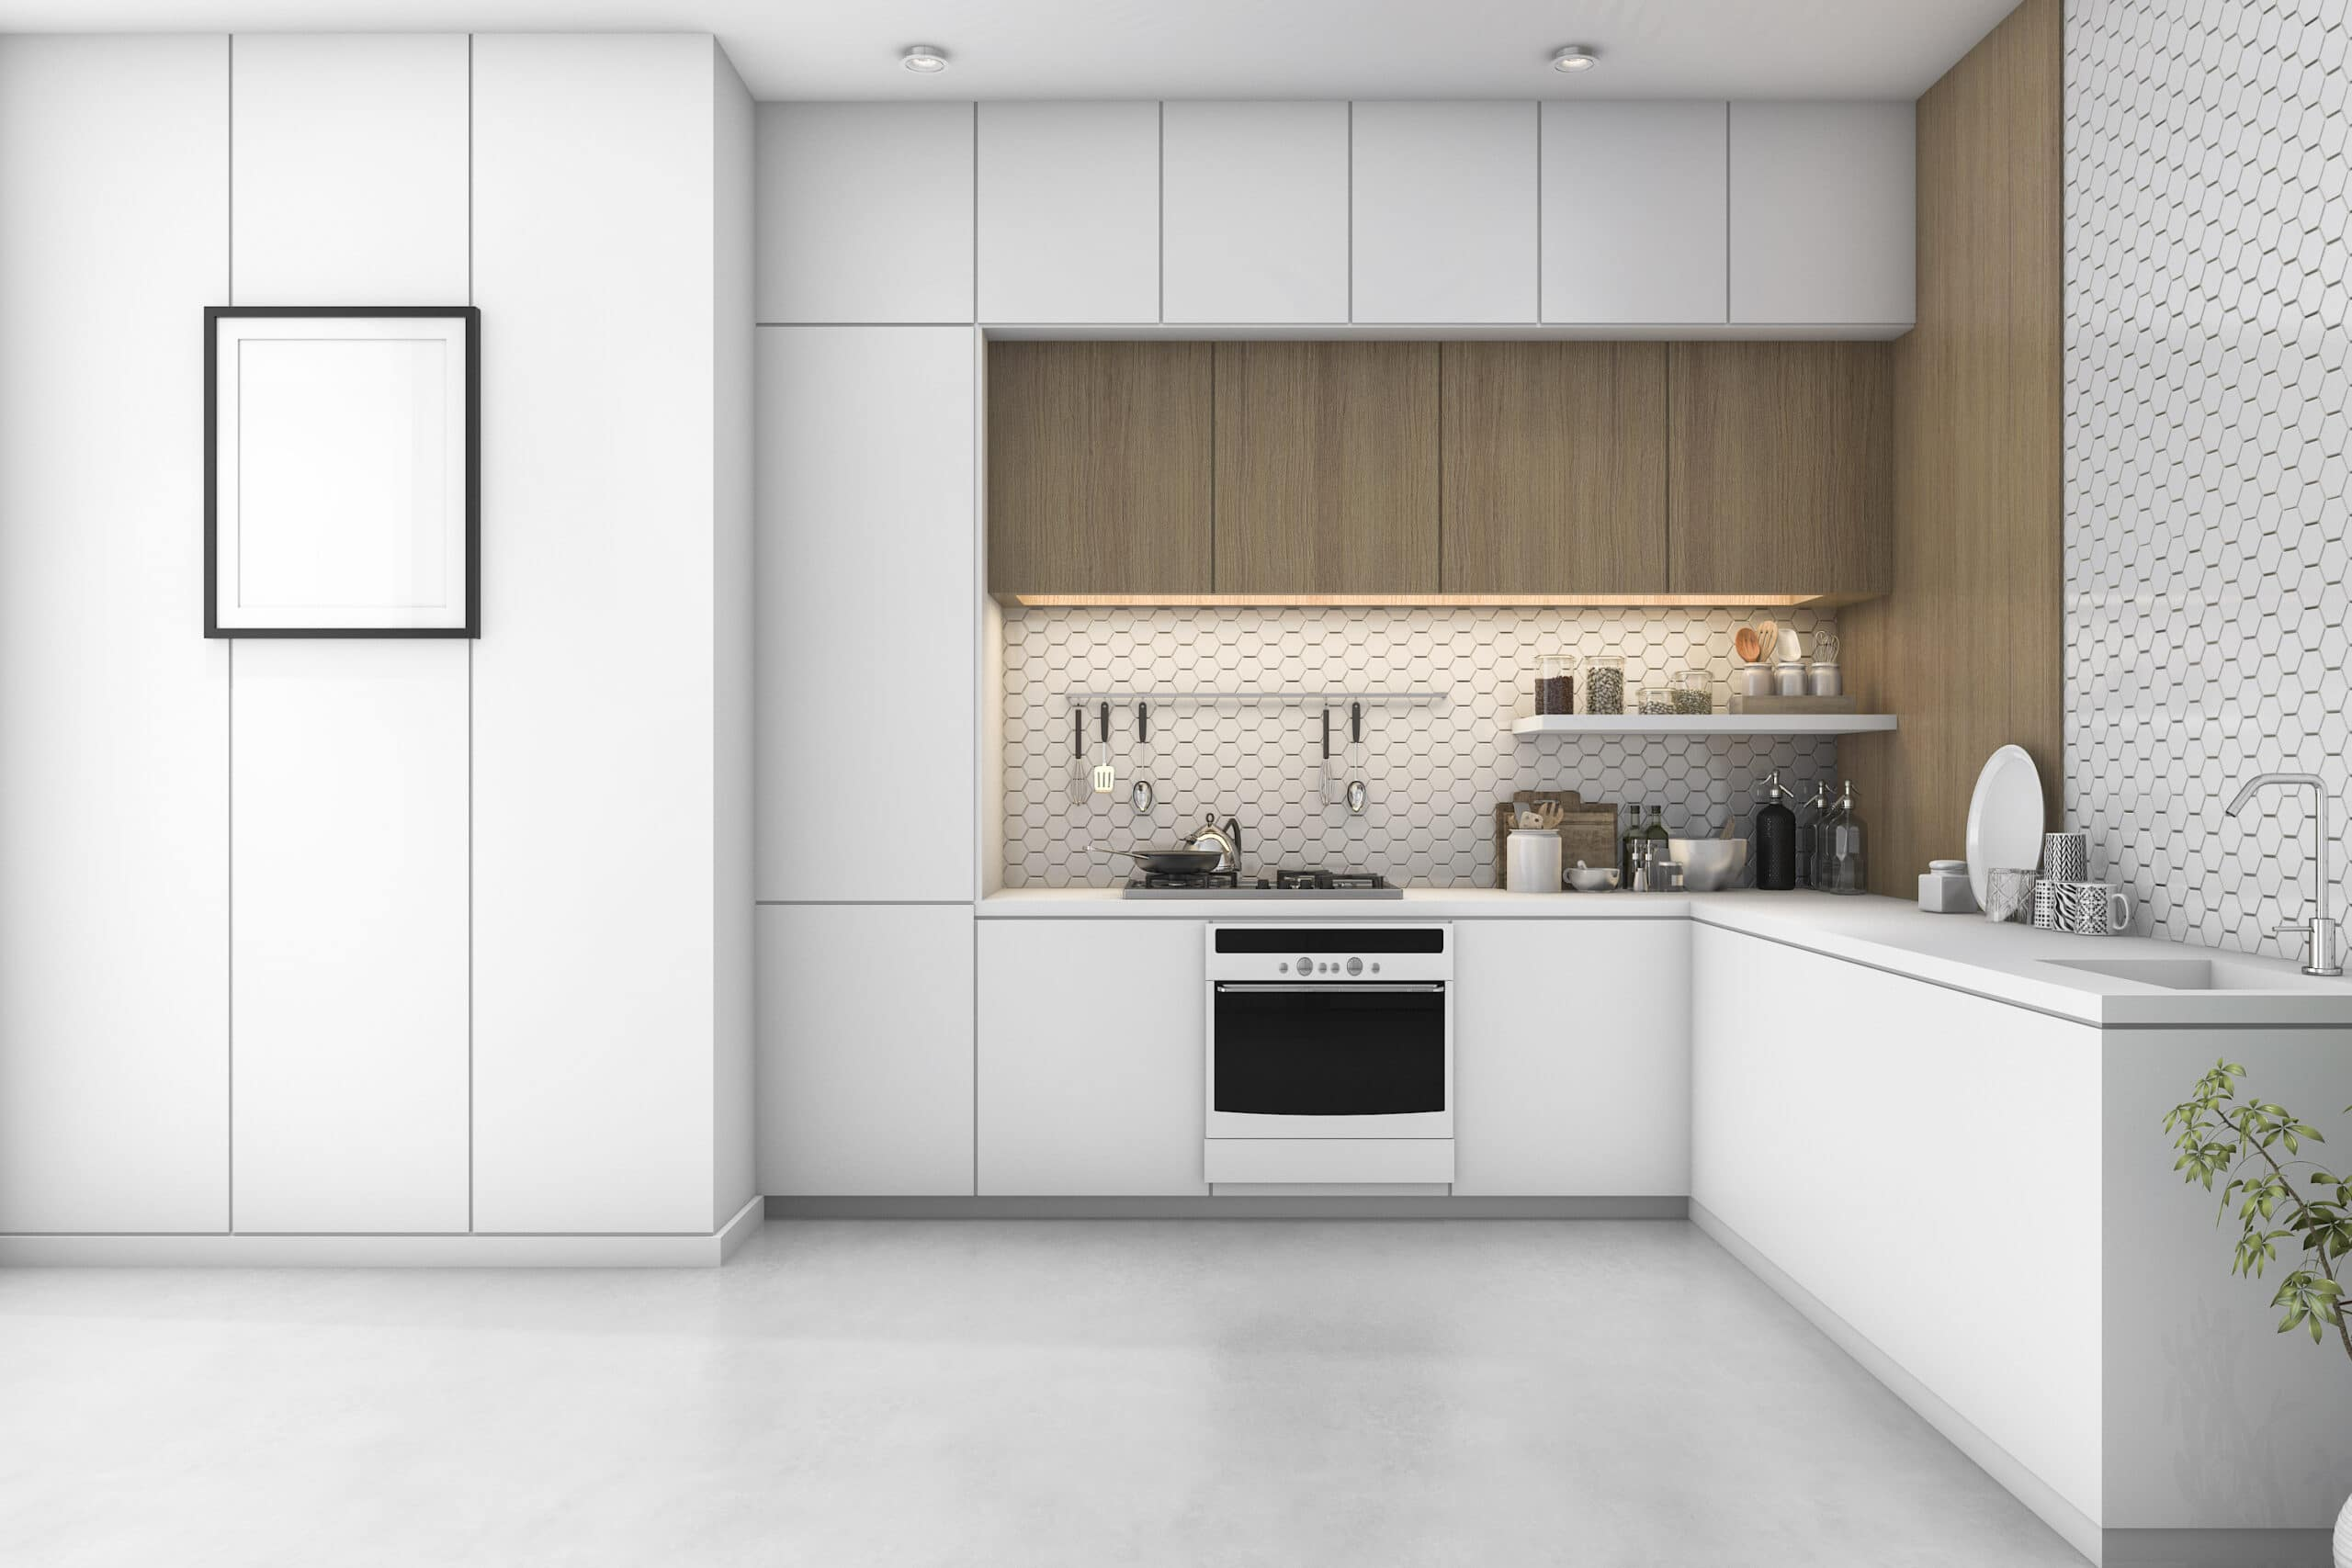 מטבחים מעץ בעלי החברות לעיצוב והתקנה של מטבחים מבינים טוב את הבעיה בחסות החברה שבה הם עובדים שיודעים לספק פתרונות יעילים להתאמת תנורים גדולים לכל מטבח תוך כדי חיבור הכיריים החשמליים ובדיקת תקינותם